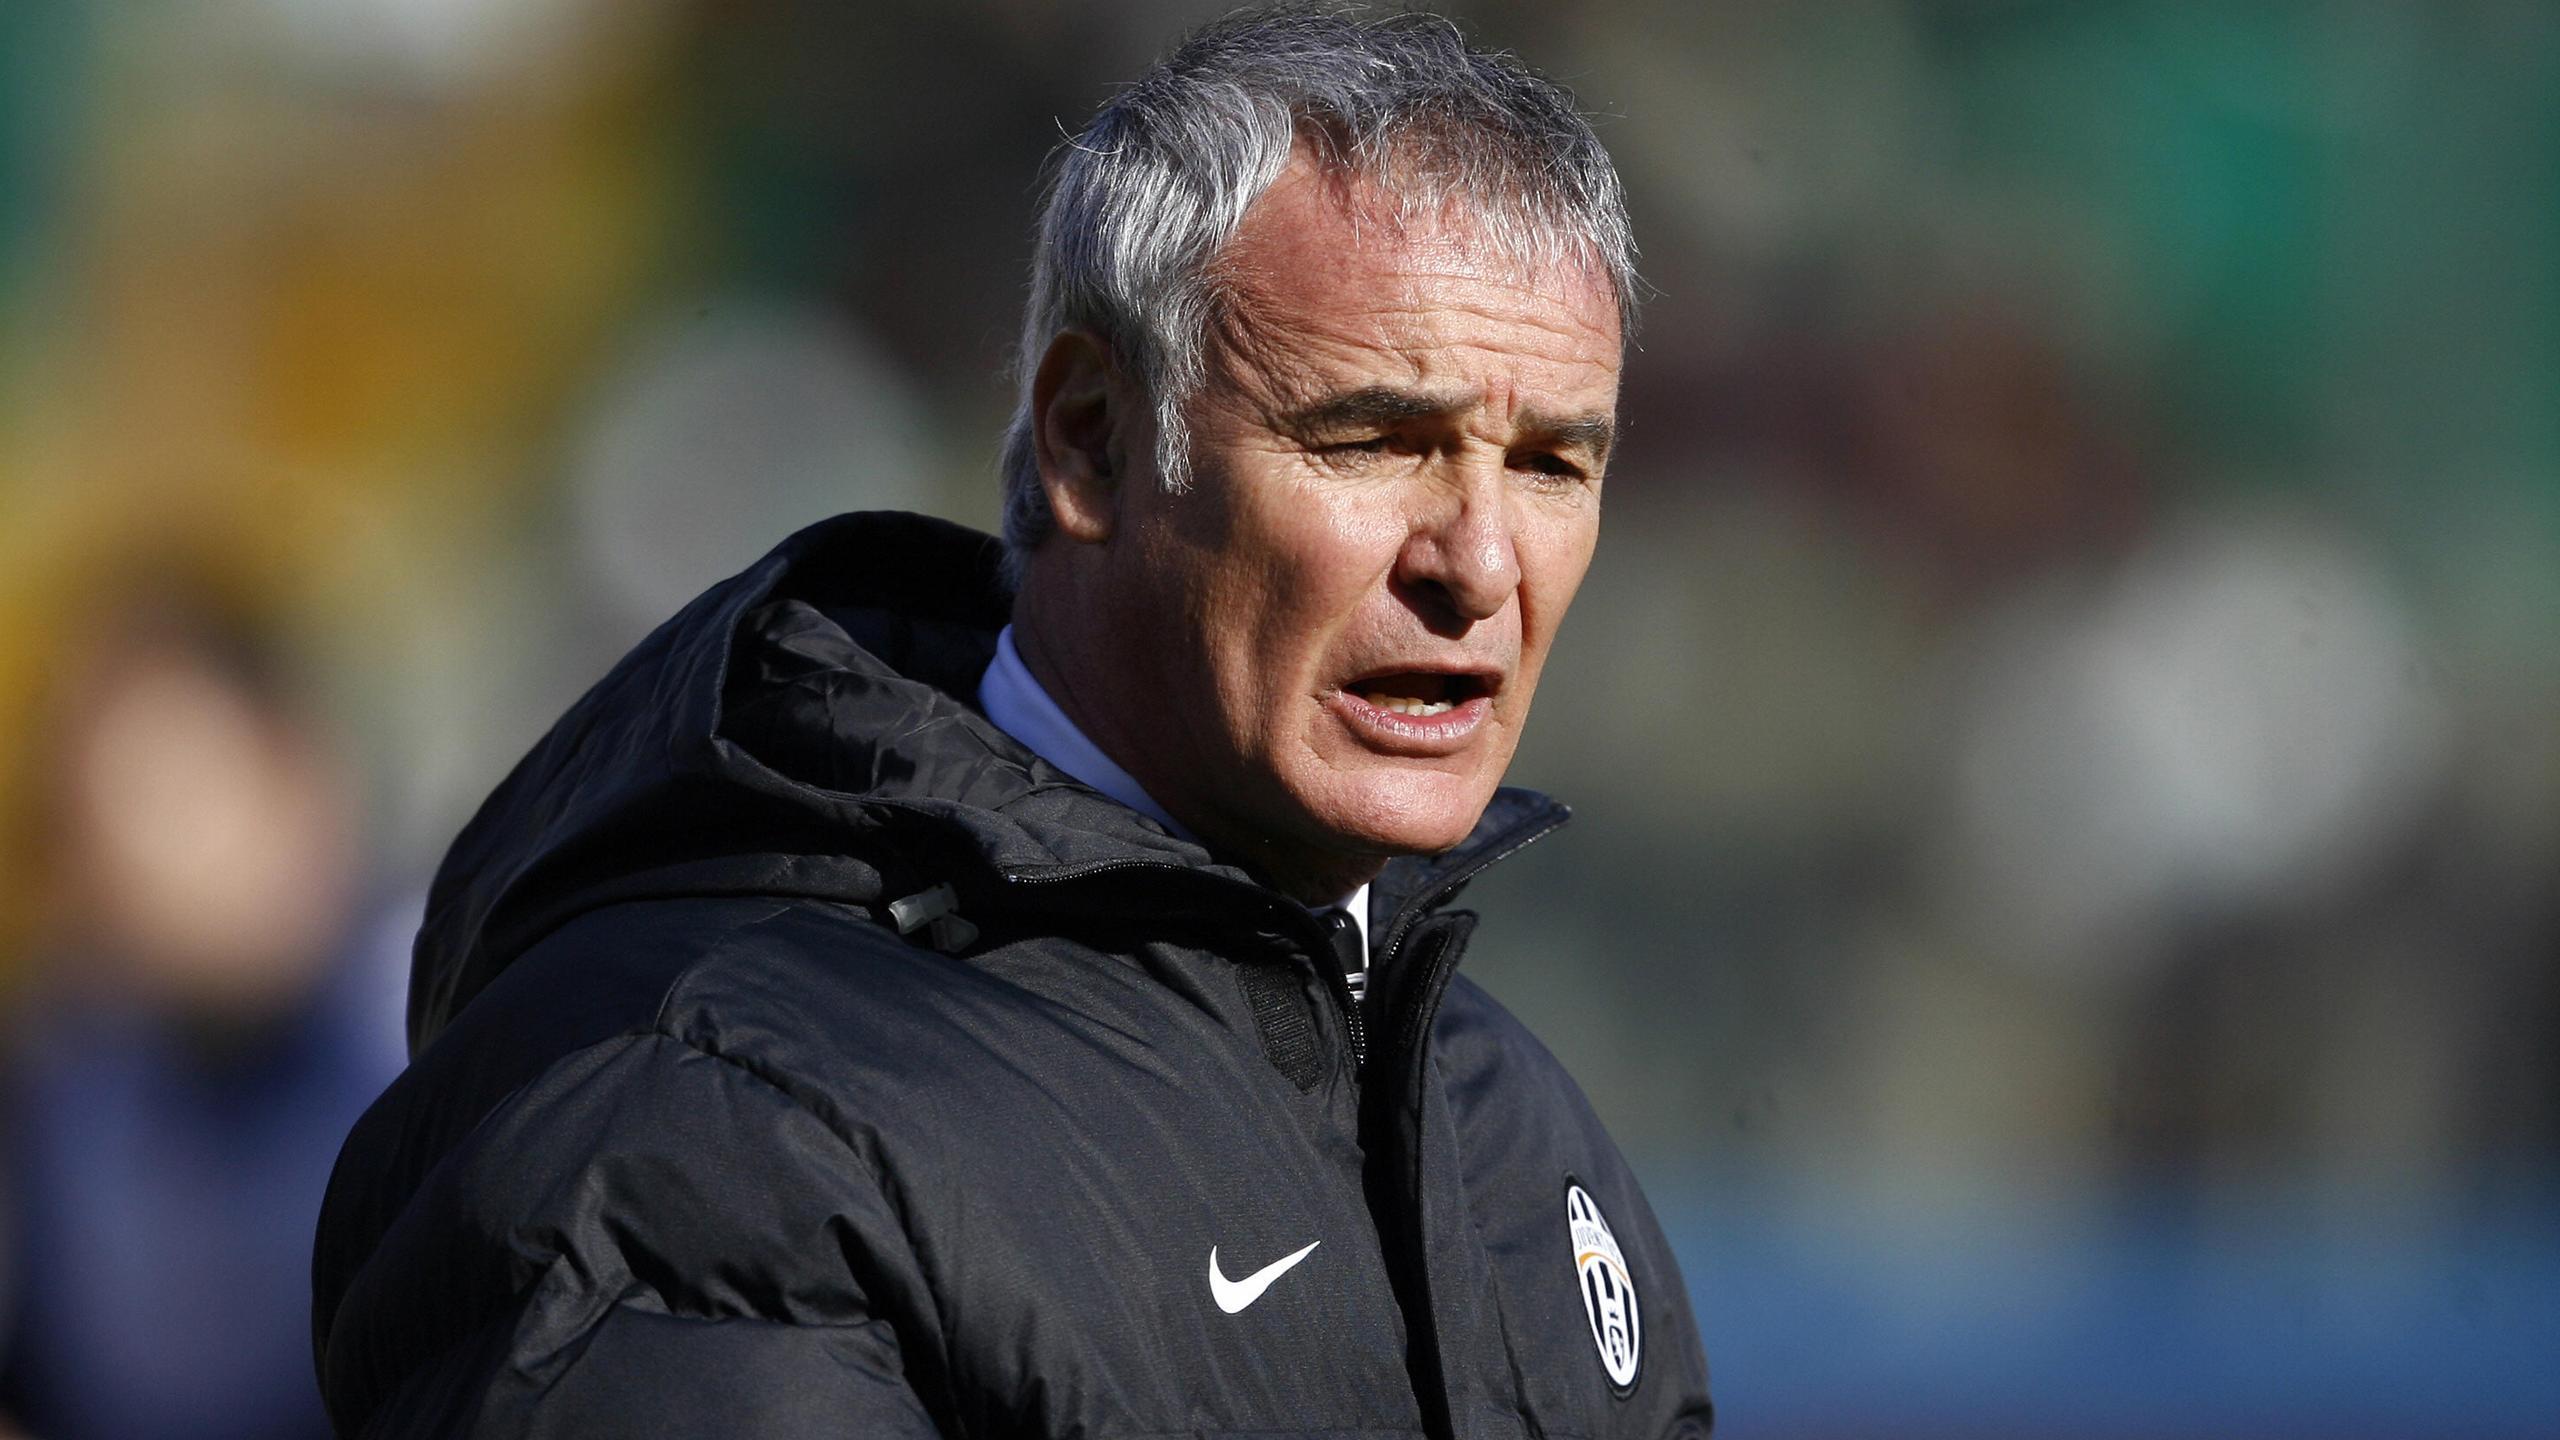 Claudio Ranieri lors de son passage sur le banc de la Juve